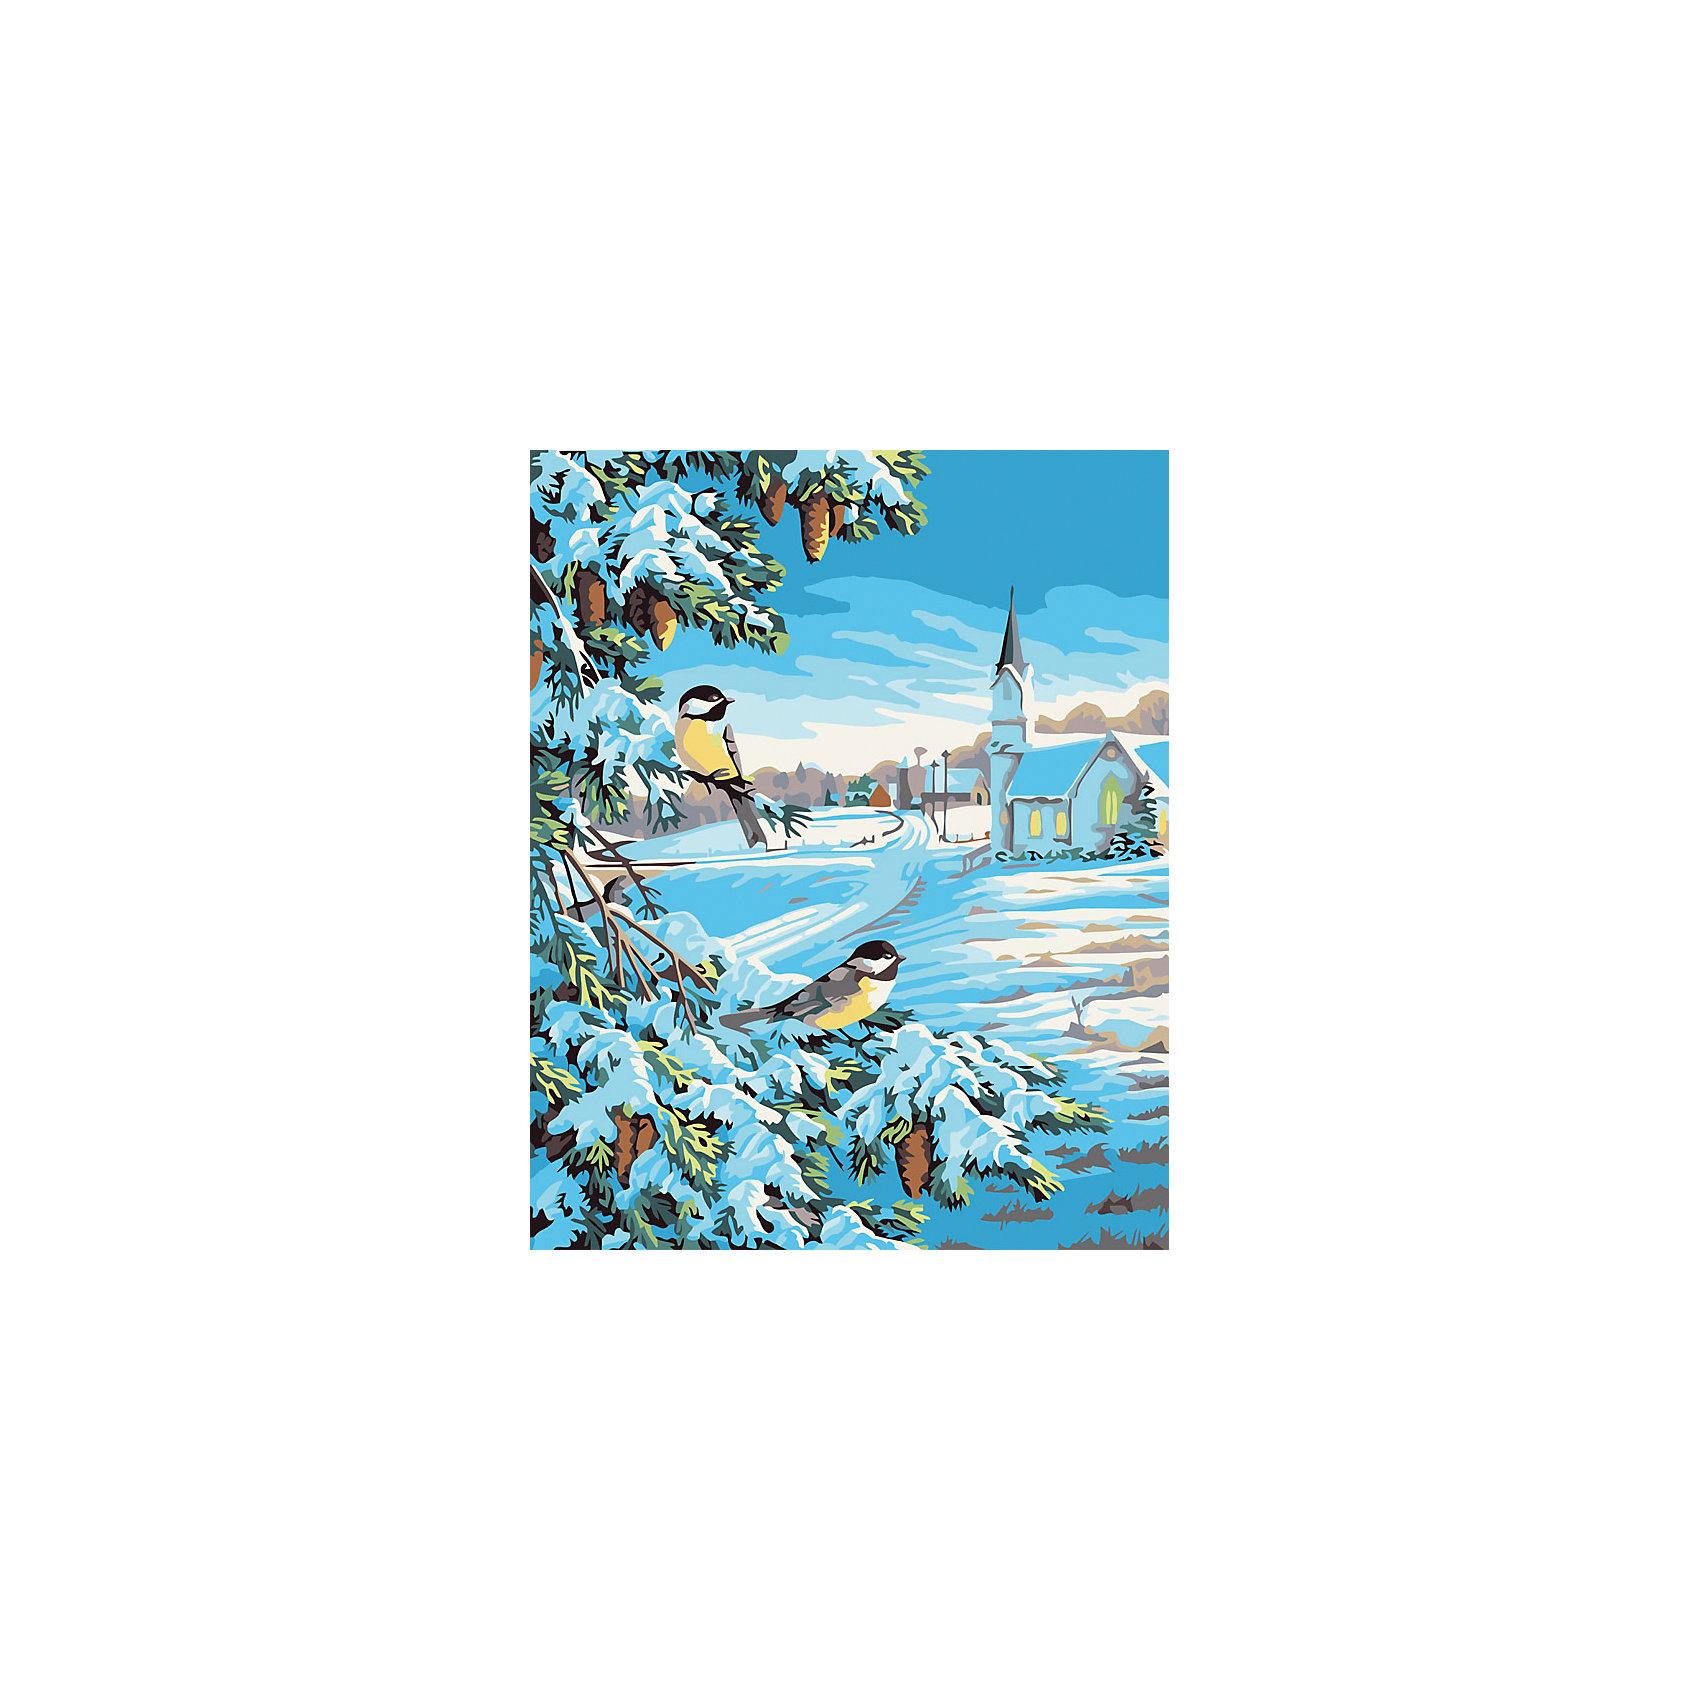 Живопись на холсте 40*50 см Снежная зимаРисование<br>Характеристики товара:<br><br>• цвет: разноцветный<br>• материал: акрил, картон<br>• размер: 50 x 40 см<br>• комплектация: полотно на подрамнике с контурами рисунка, пробный лист с рисунком, набор акриловых красок, три кисти, крепление на стену для картины<br>• для детей от шести лет и взрослых<br>• не требует специальных навыков<br>• страна бренда: Китай<br>• страна изготовитель: Китай<br><br>Думаете, какой подарок выбрать к празднику? Рисование - это занятие, которое любят многие дети и взрослые. Оно помогает развить различные навыки и просто приносит удовольствие! Чтобы вселить в ребенка уверенность в своих силах, можно предложить ему этот набор - в нем уже есть сюжет, контуры рисунка и участки с номерами, которые обозначают определенную краску из набора. Все оттенки уже готовы, задача художника - аккуратно, с помощью кисточек из набора, нанести краски на определенный участок полотна.<br>Взрослым также понравится этот процесс, рисовать можно и вместе с малышом! В итоге получается красивая картина, которой можно украсить интерьер. Рисование способствует развитию мелкой моторики, воображения, цветовосприятия, творческих способностей и усидчивости. Набор отлично проработан, сделан из качественных и проверенных материалов, которые безопасны для детей. Краски - акриловые, они быстро сохнут и легко смываются с кожи.<br><br>Живопись на холсте 40*50 см Снежная зима от торговой марки Белоснежка можно купить в нашем интернет-магазине.<br><br>Ширина мм: 510<br>Глубина мм: 410<br>Высота мм: 25<br>Вес г: 850<br>Возраст от месяцев: 72<br>Возраст до месяцев: 144<br>Пол: Унисекс<br>Возраст: Детский<br>SKU: 5089740